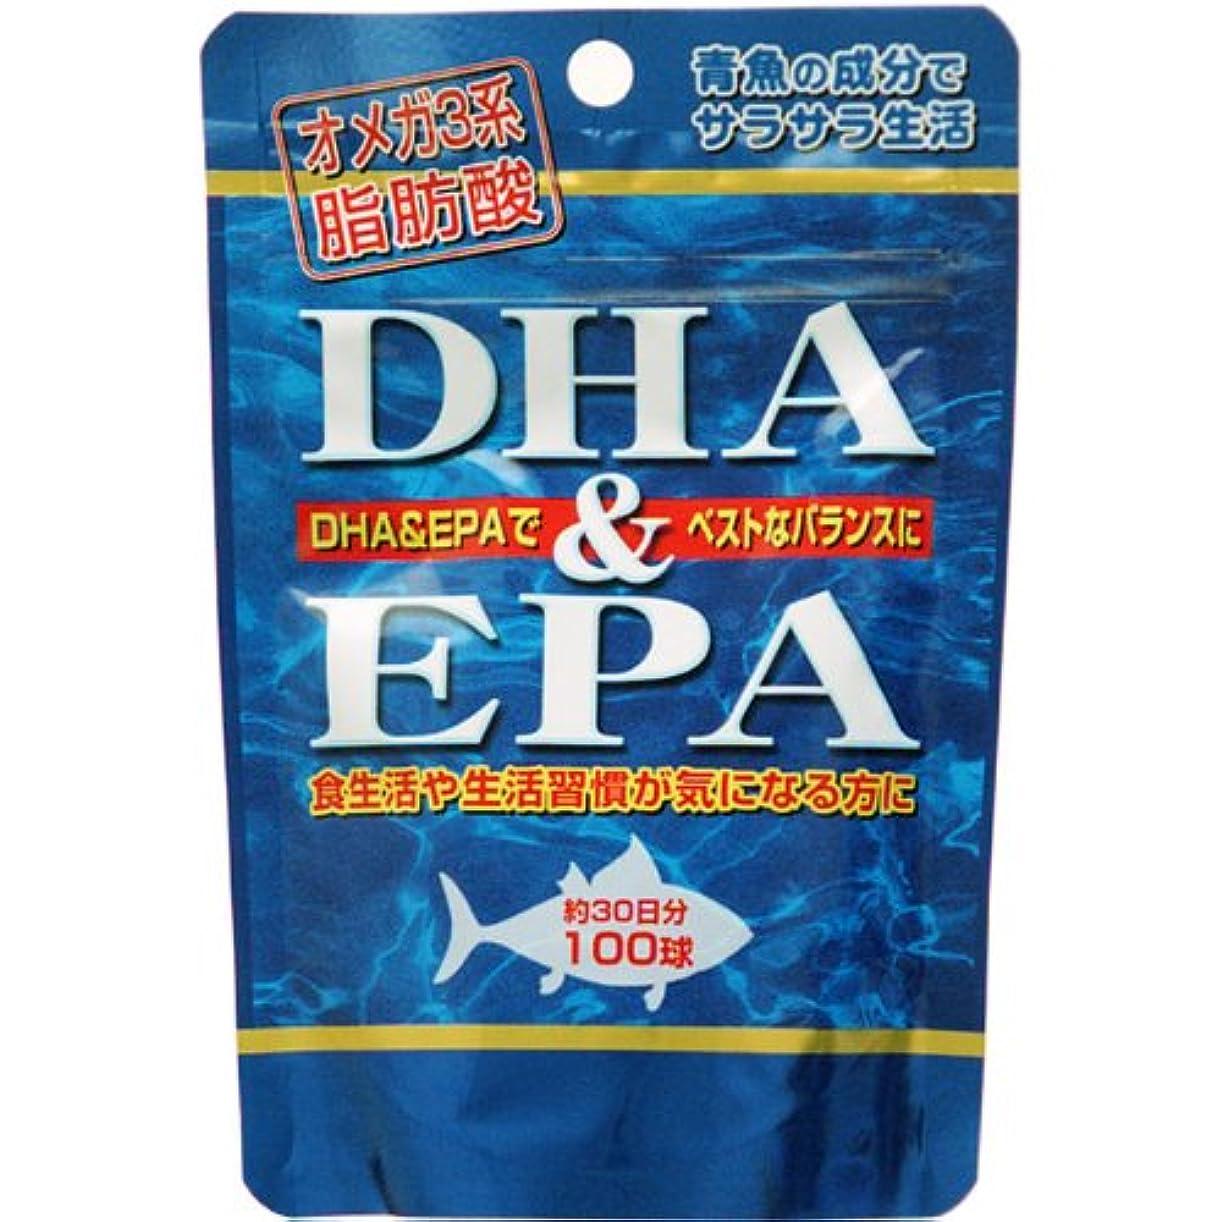 報復するカジュアルガラガラDHA(ドコサヘキサエン酸)&EPA(エイコサペンタエン酸)×6